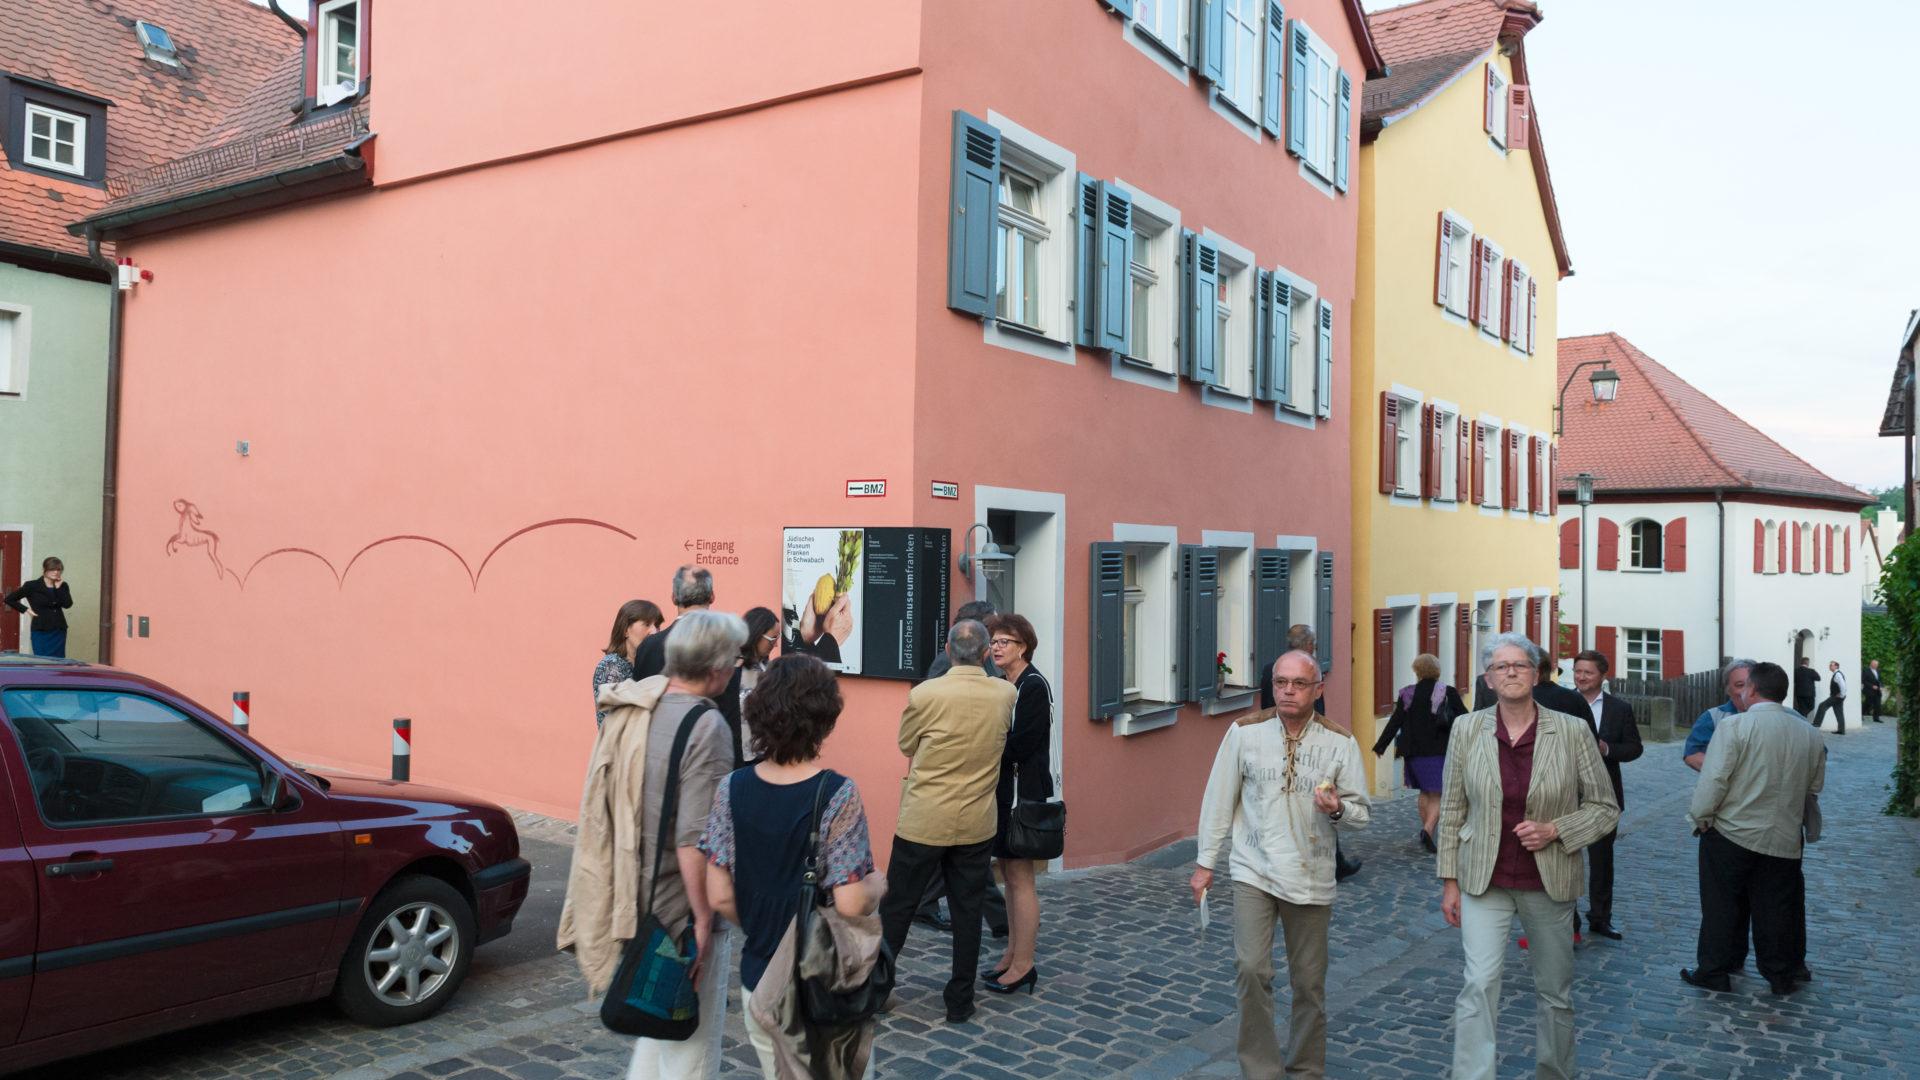 Blick in die Synagogengasse mit dem Jüdischen Museum Fanken in Schwabach.